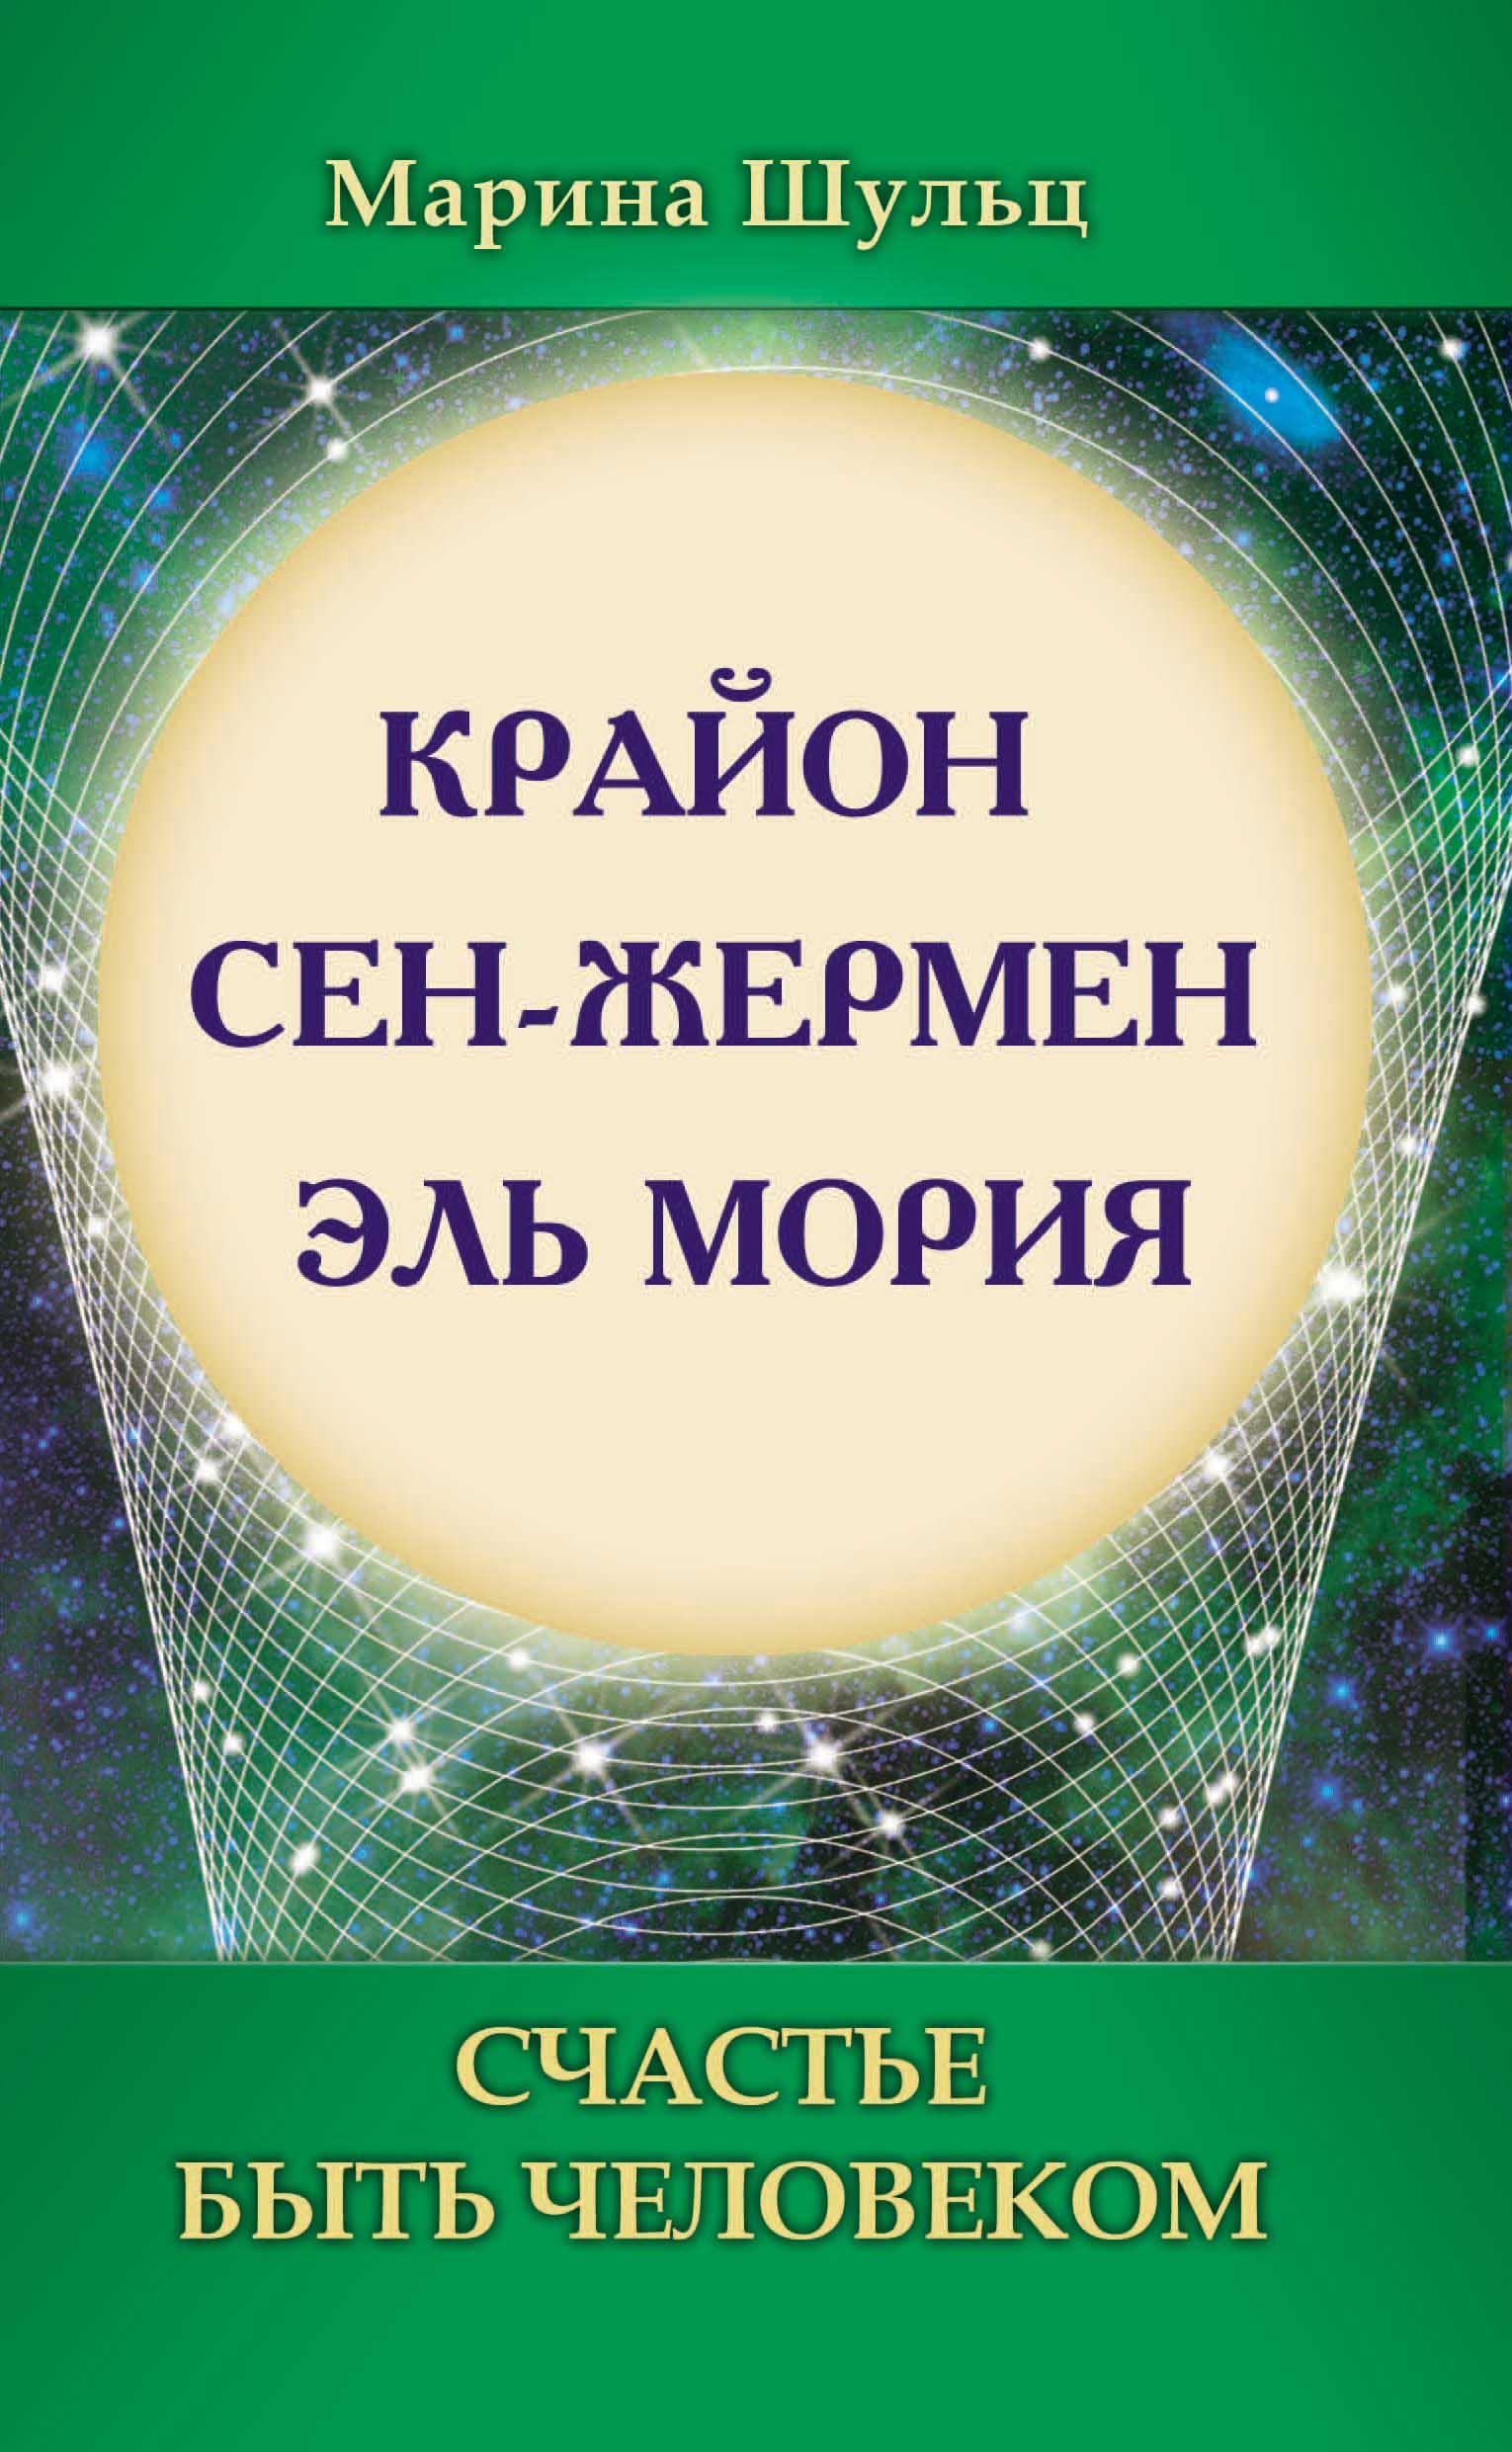 Крайон. Сен Жермен. Эль Мория. Счастье быть человеком. 2-е изд.